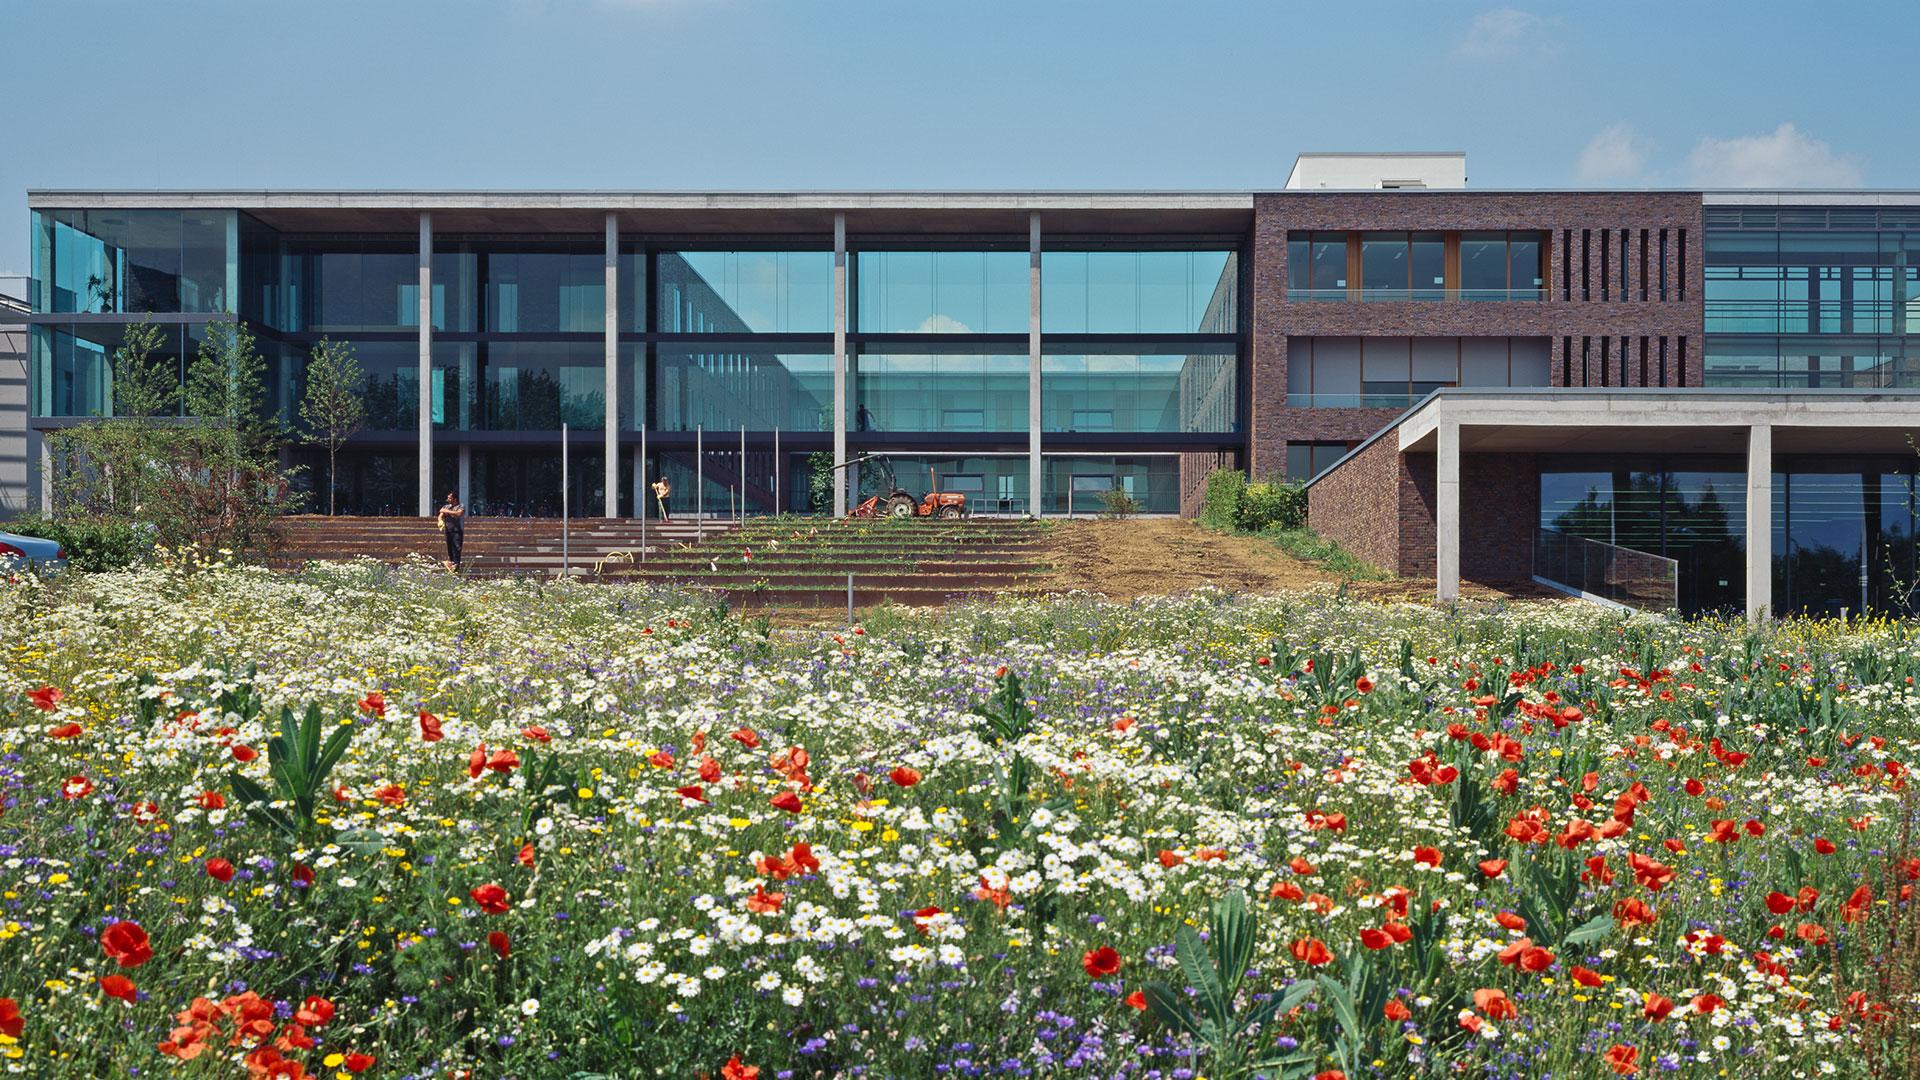 Physikalisches Institut Frankfurt 6 - ArGe Architekten